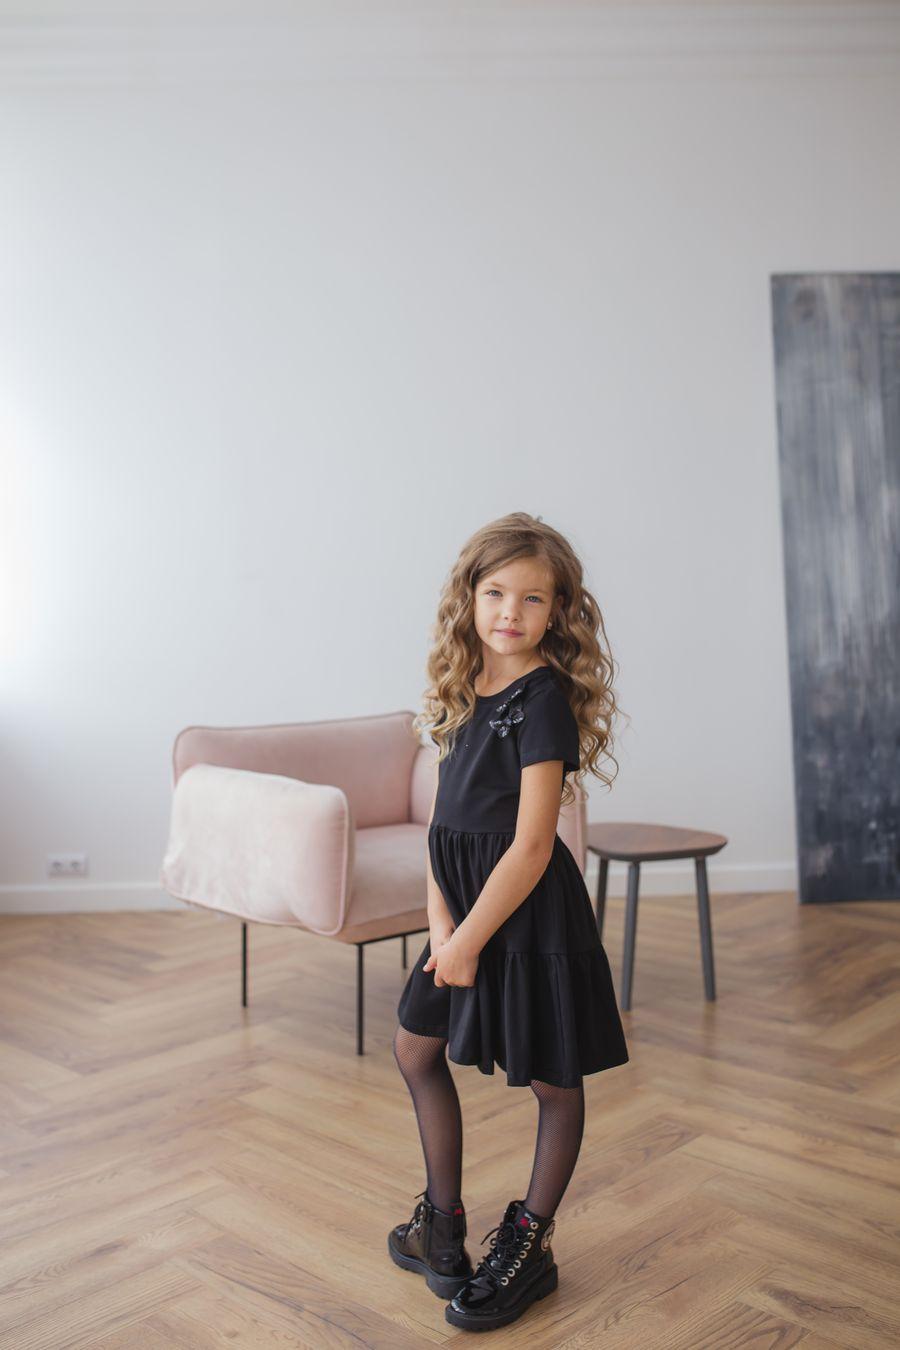 Платье 2470 купить оптом за 659 руб. | Фабрика Божья Коровка